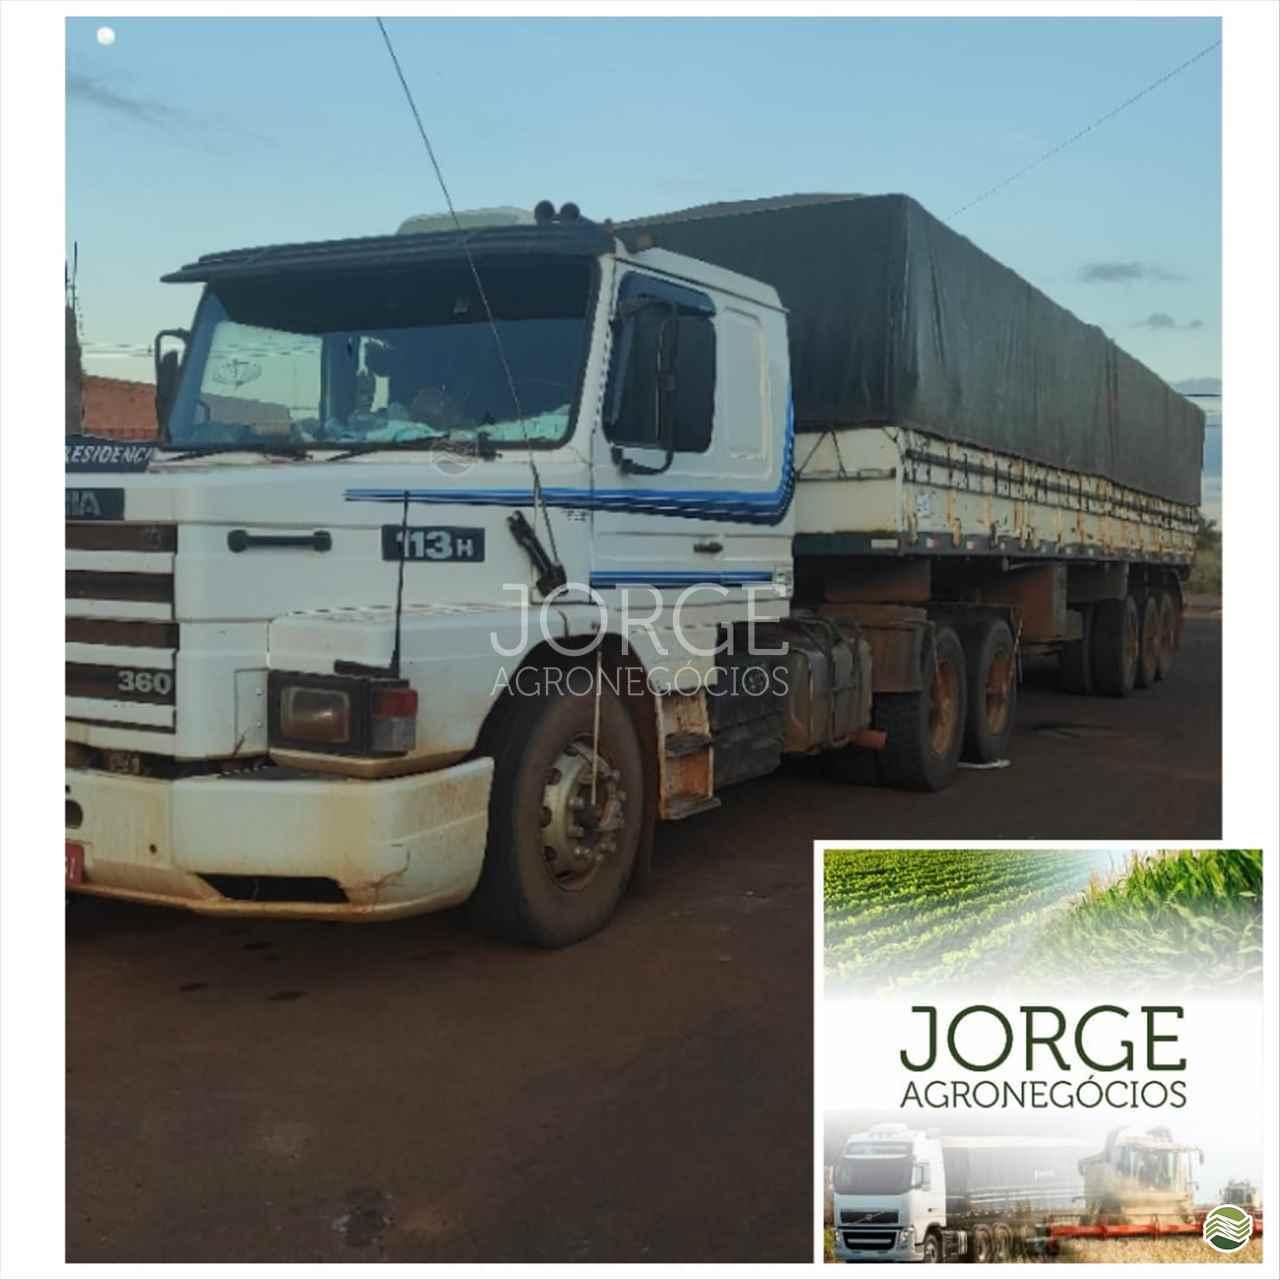 CAMINHAO SCANIA SCANIA 113 360 Graneleiro Truck 6x2 Jorge Agronegócios NOVA PONTE MINAS GERAIS MG